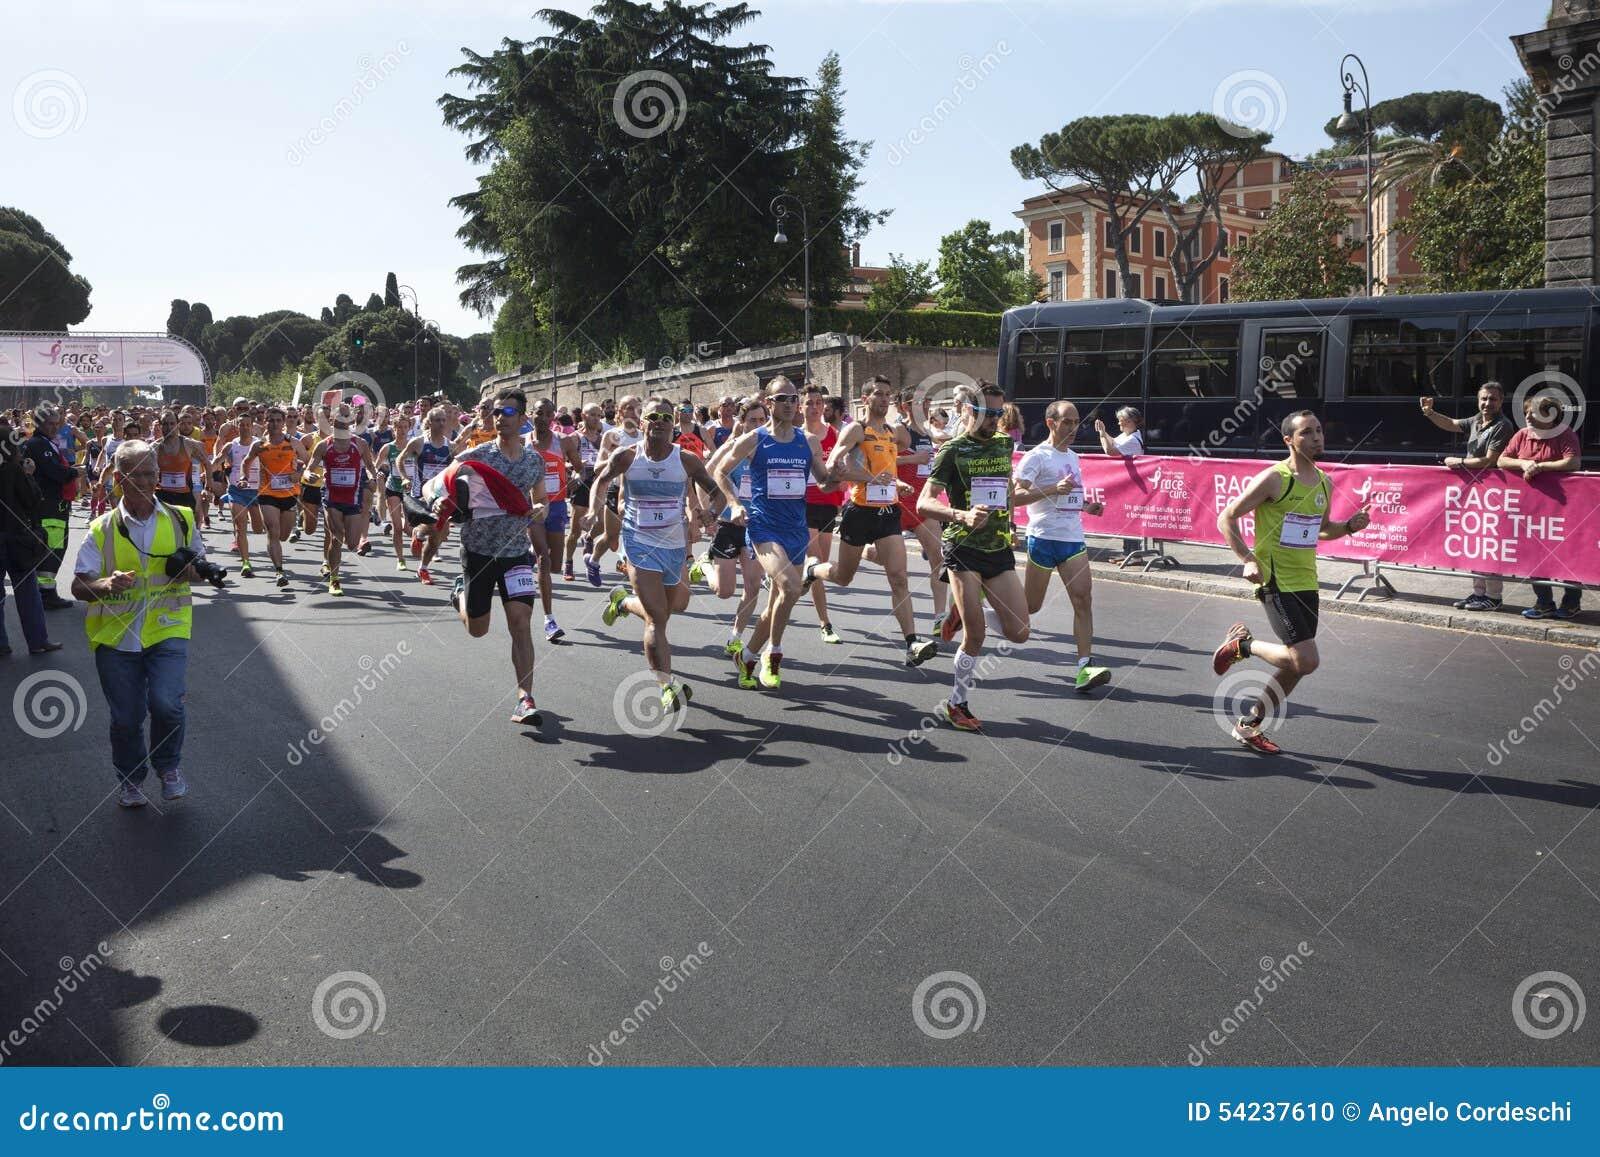 17 Μαΐου 2015 Φυλή για τη θεραπεία, Ρώμη Ιταλία Φυλή ενάντια στο καρκίνο του μαστού